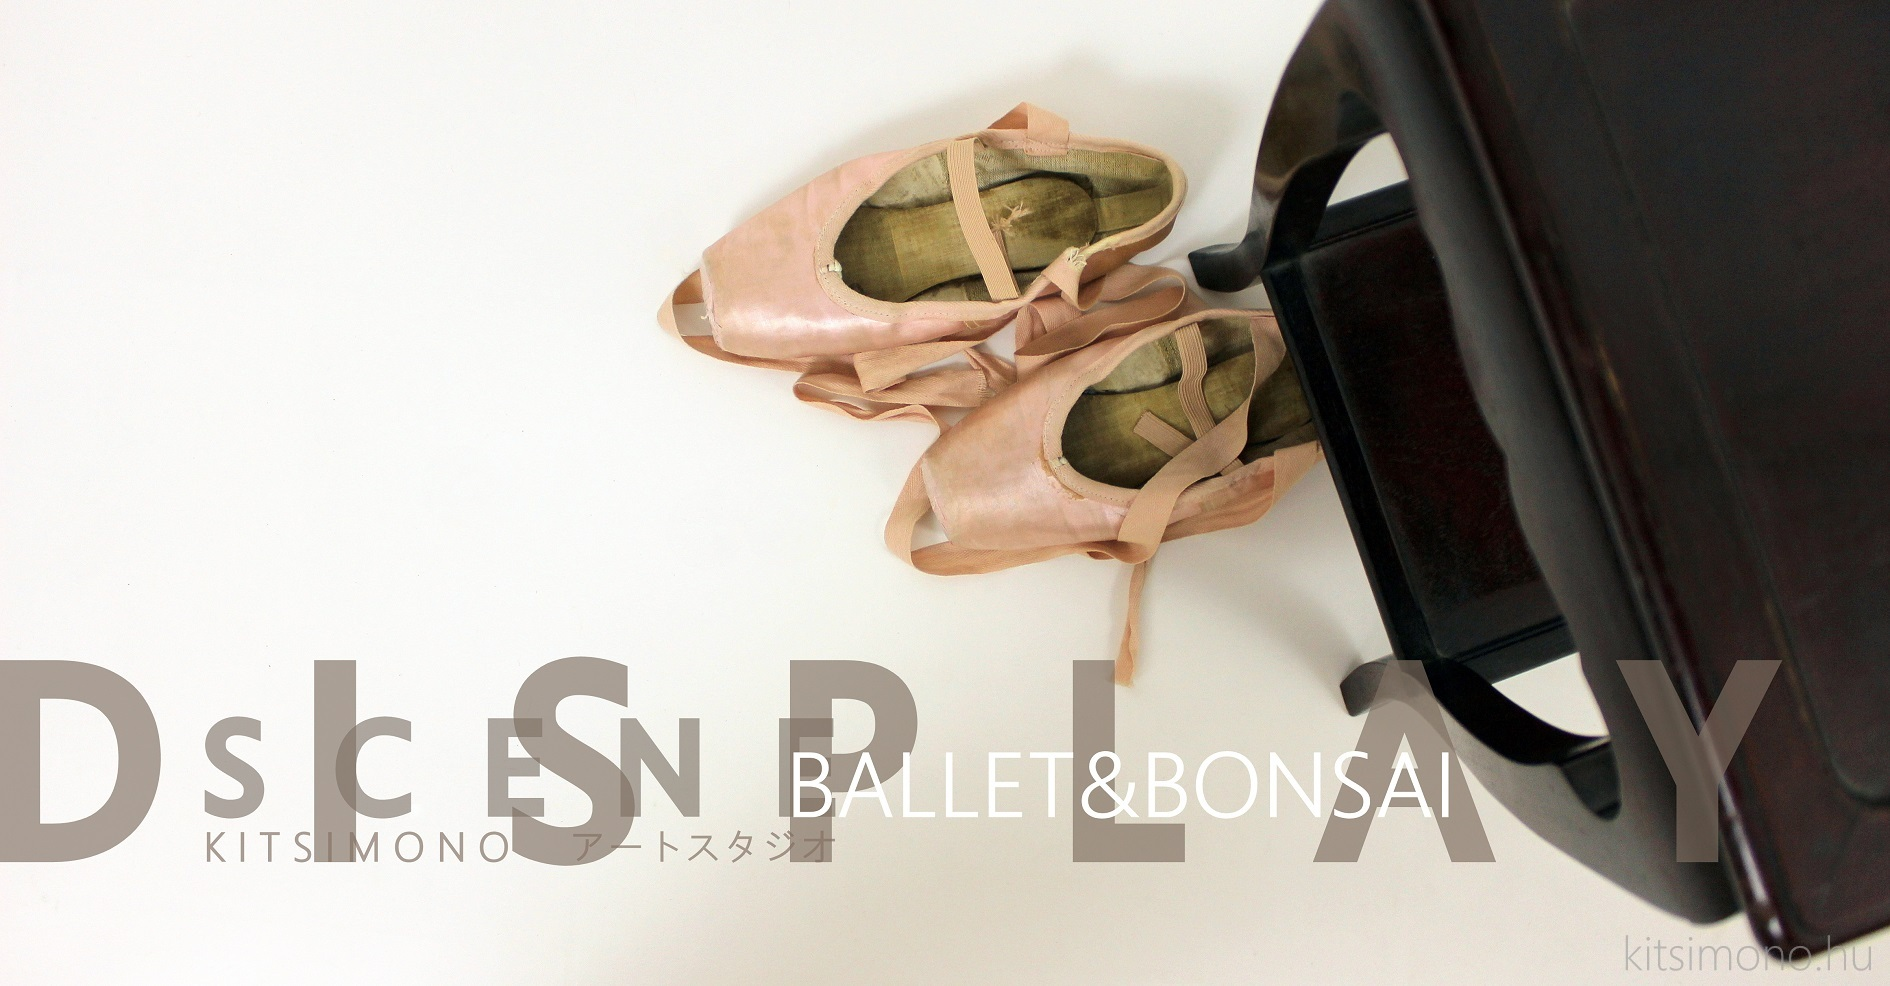 pinus nigra black pine matsu and literati bunjin bonsai ballet (19)